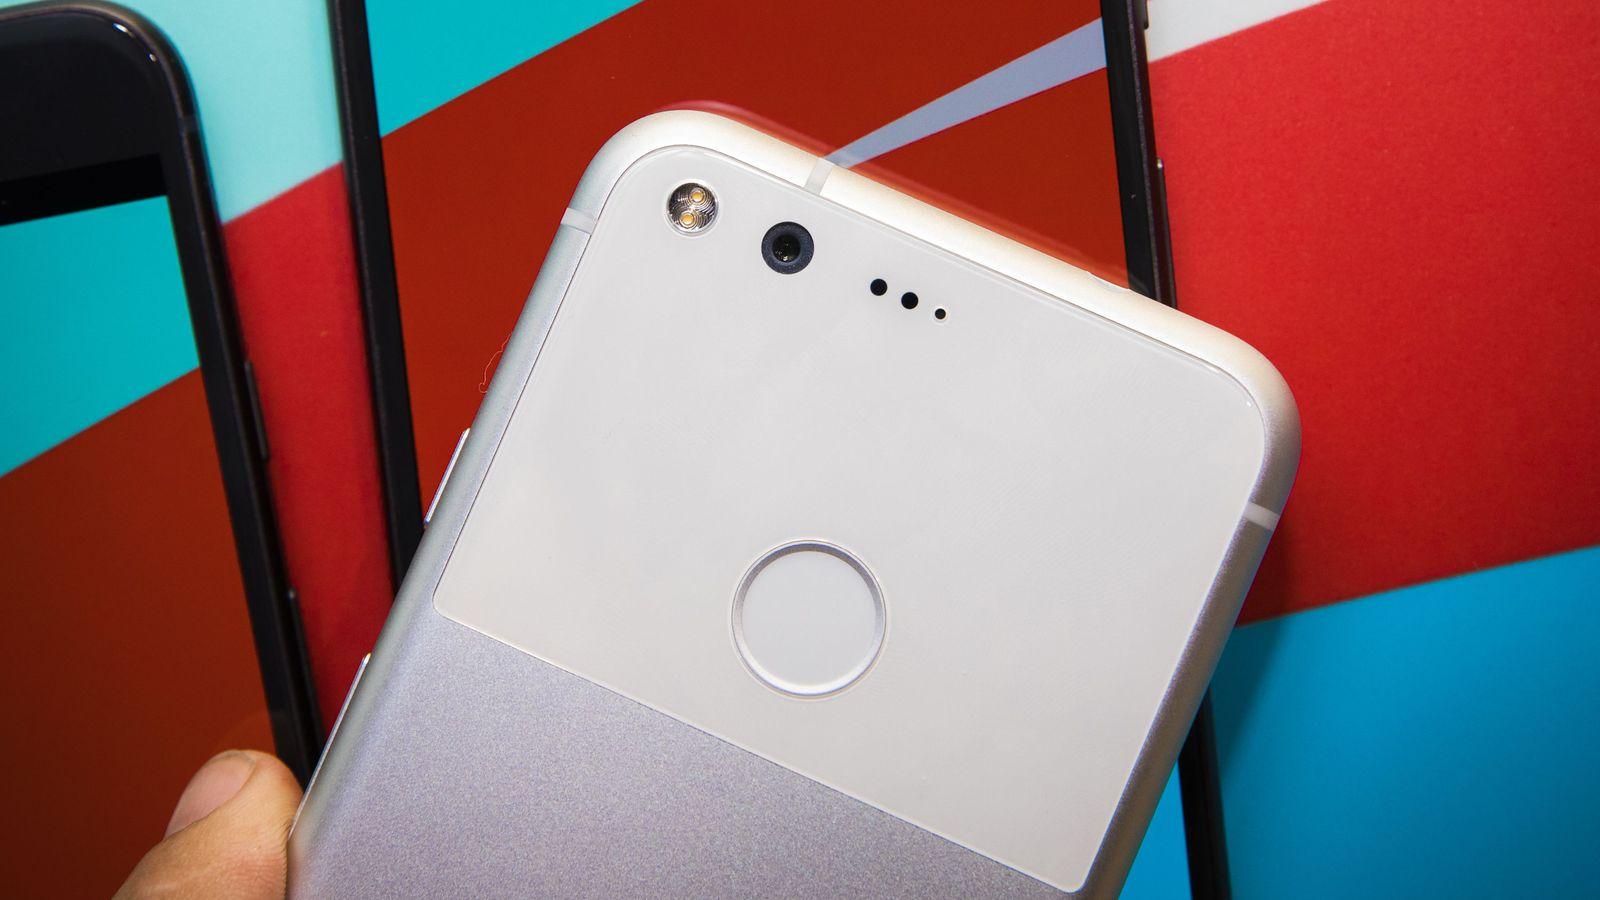 Google Pixel, nella confezione l'accessorio per abbandonare iPhone